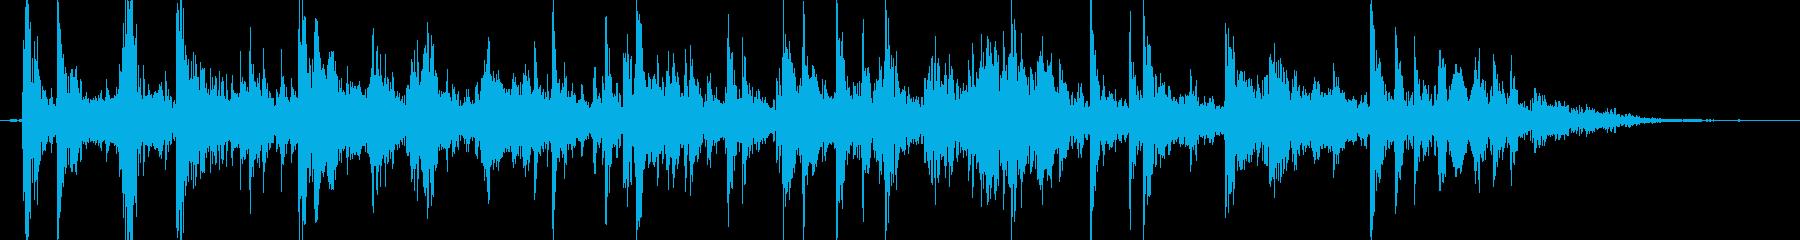 コイン_ケースに落ちる_獲得_05の再生済みの波形